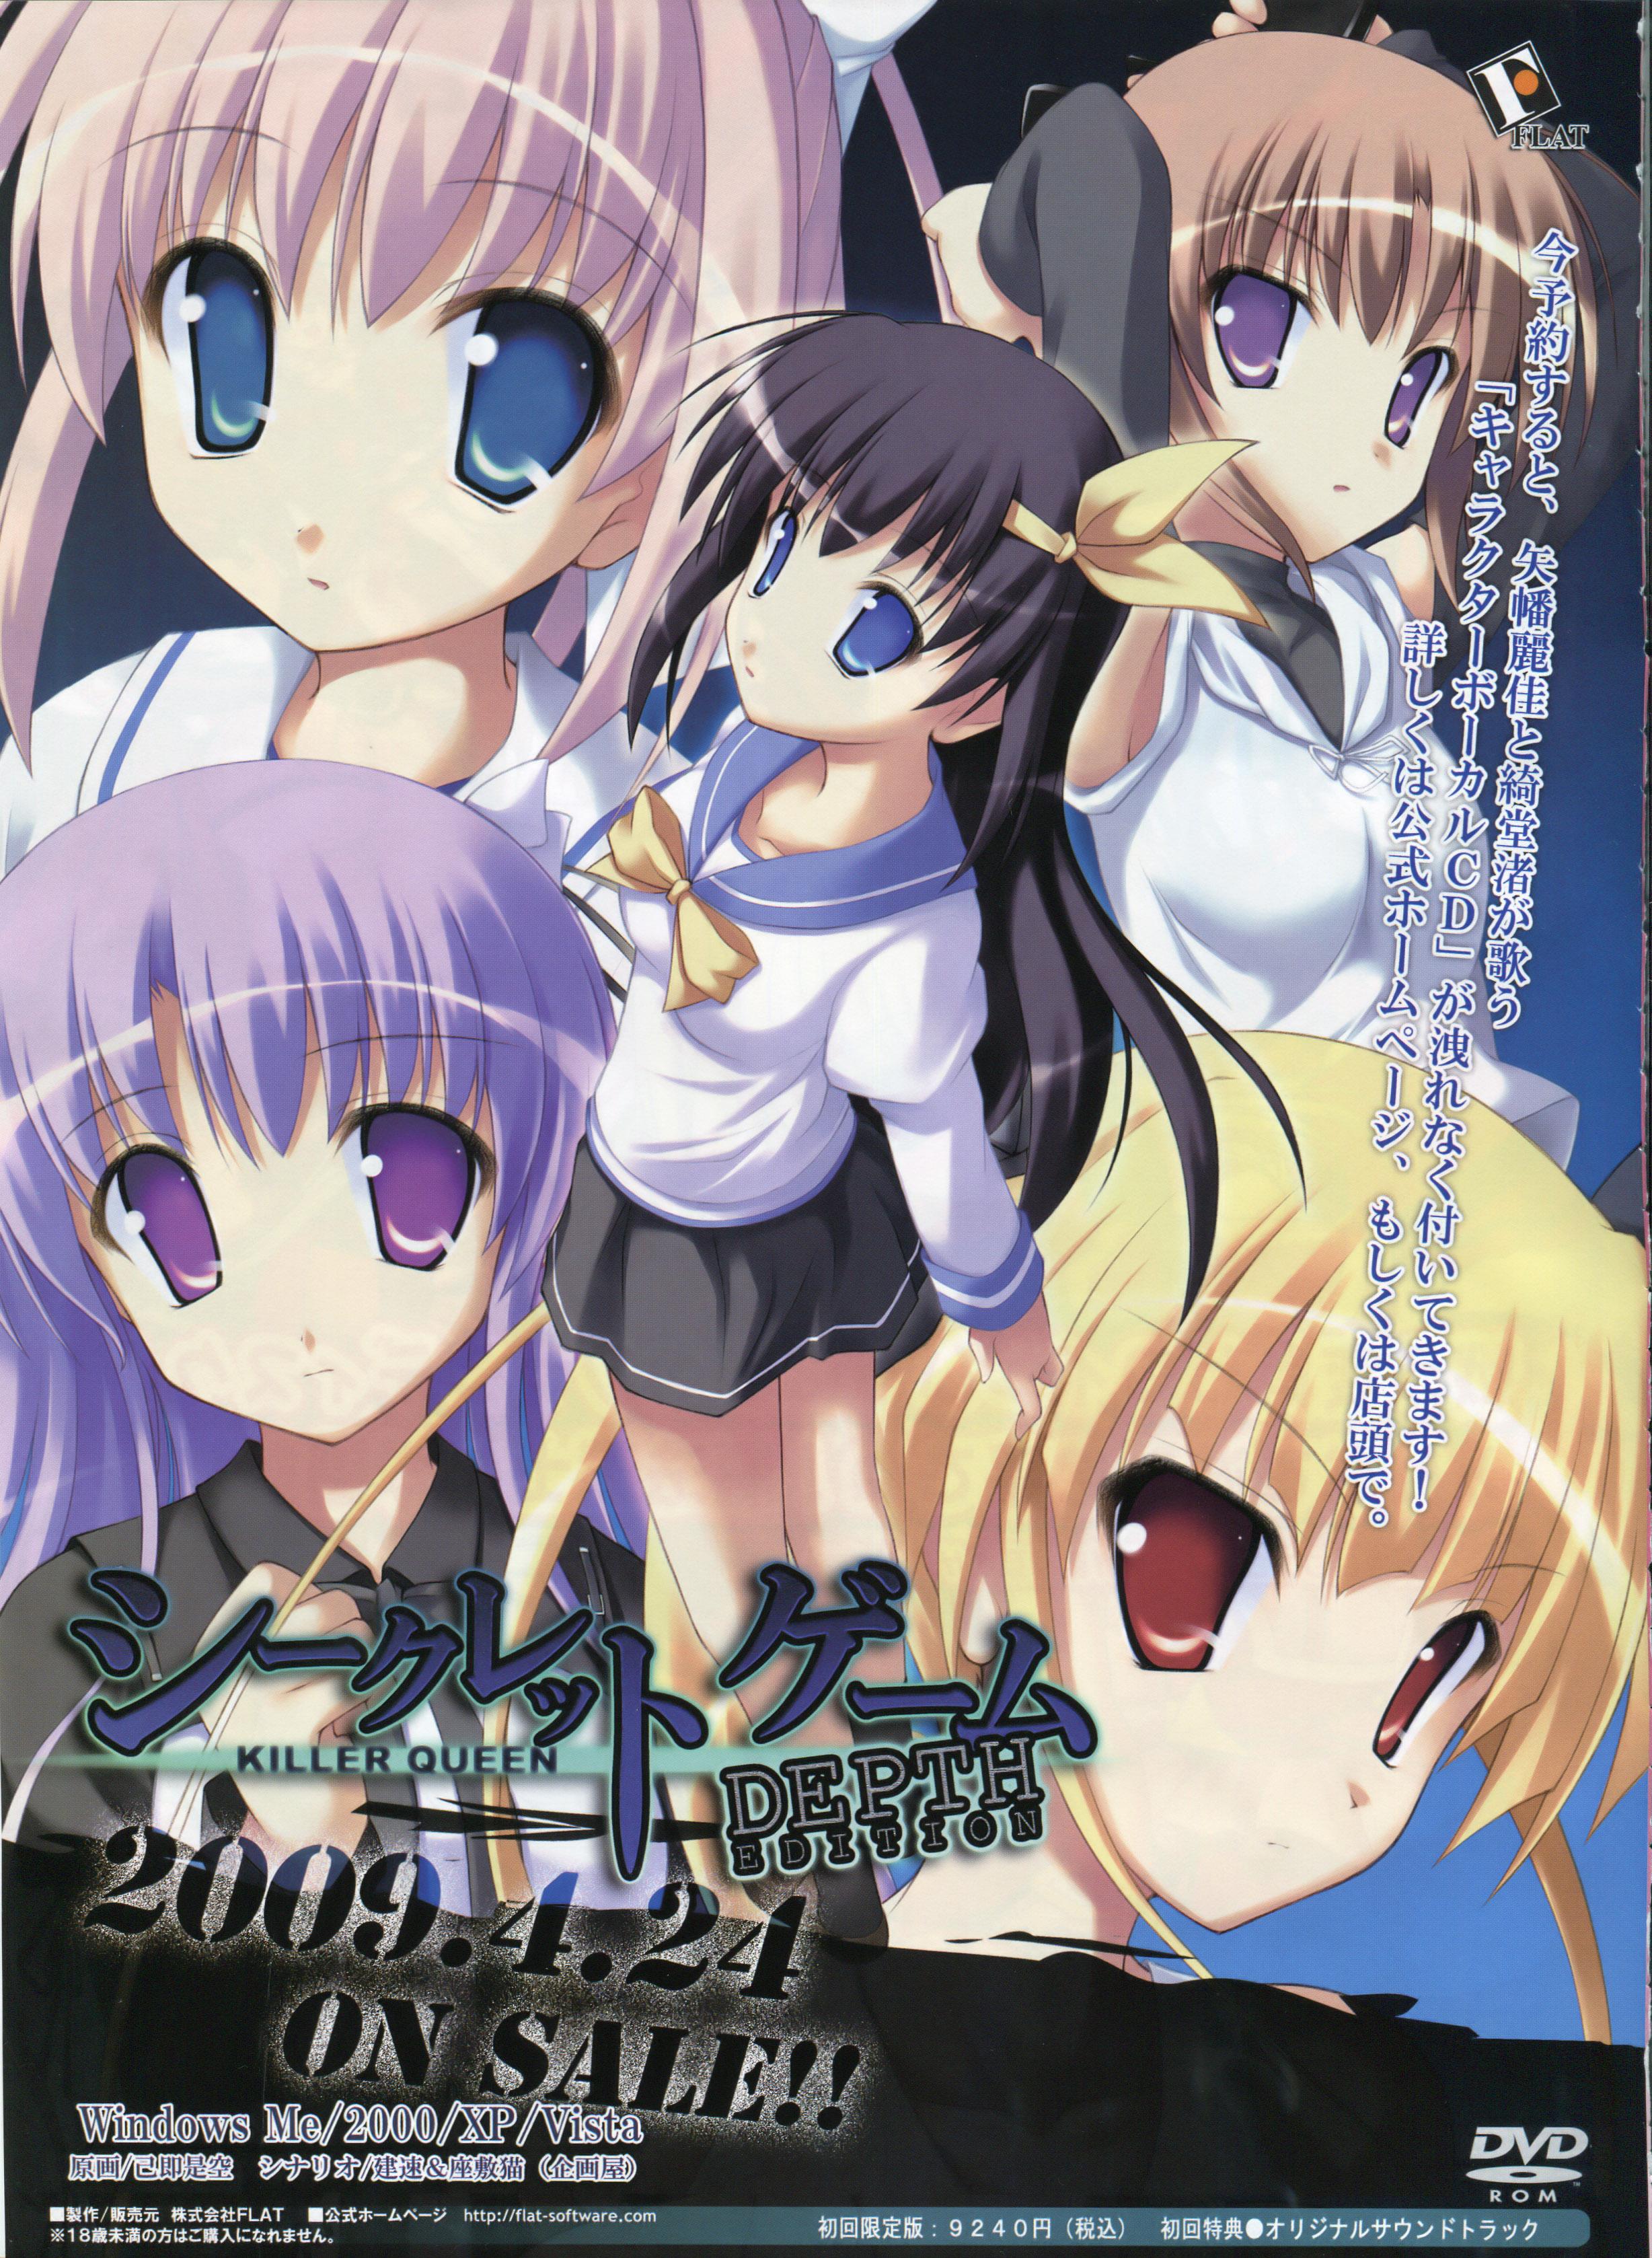 Secret Game -Killer Queen- Image #384766 - Zerochan Anime